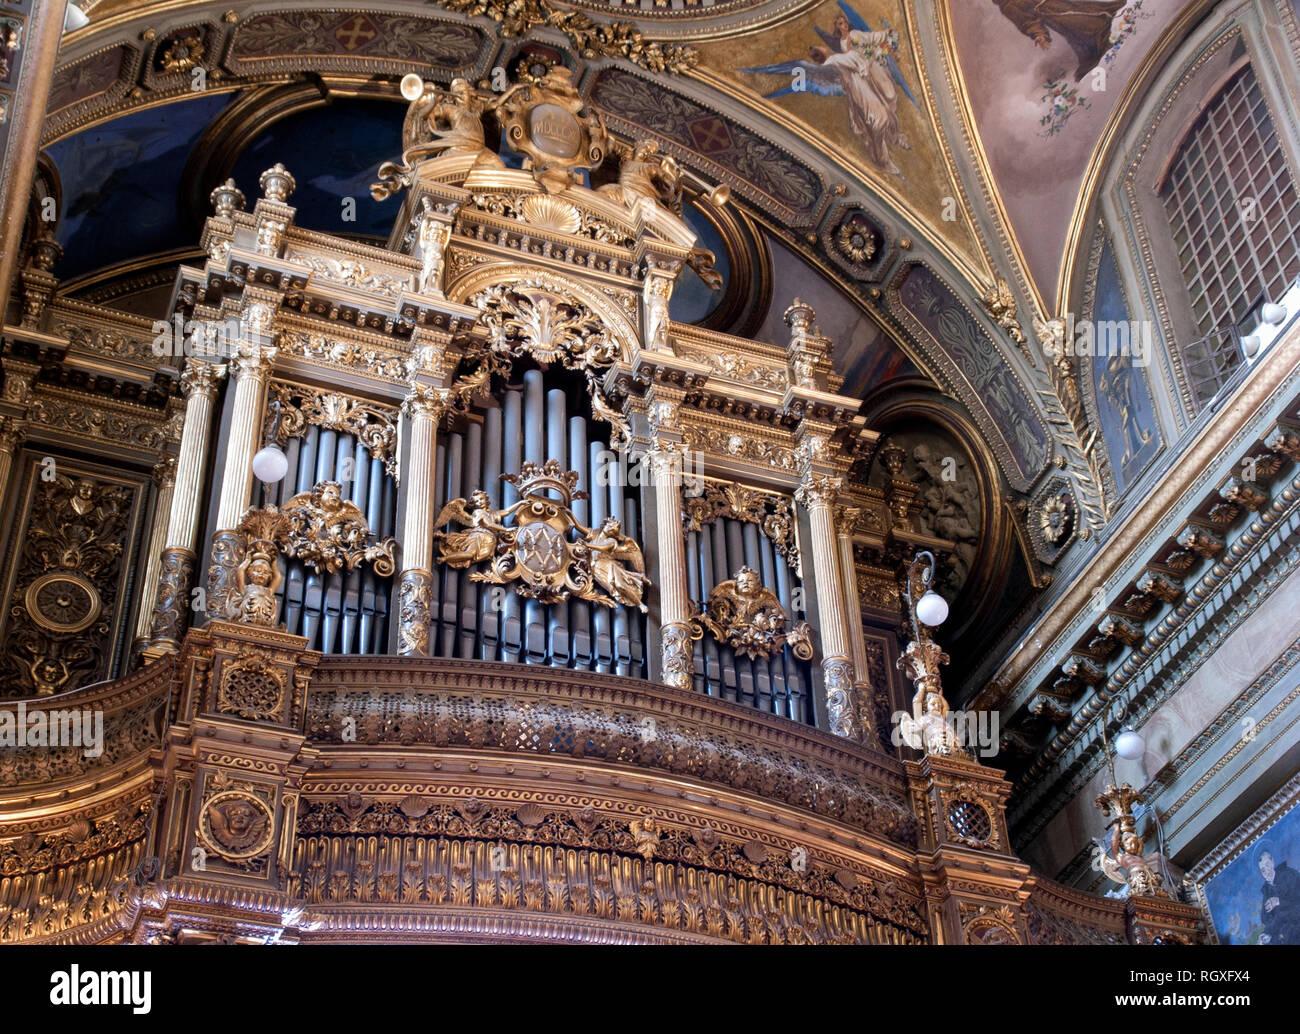 En el interior del Santuario de la Virgen del Rosario de Pompeya, Nápoles, Italia. Imagen De Stock